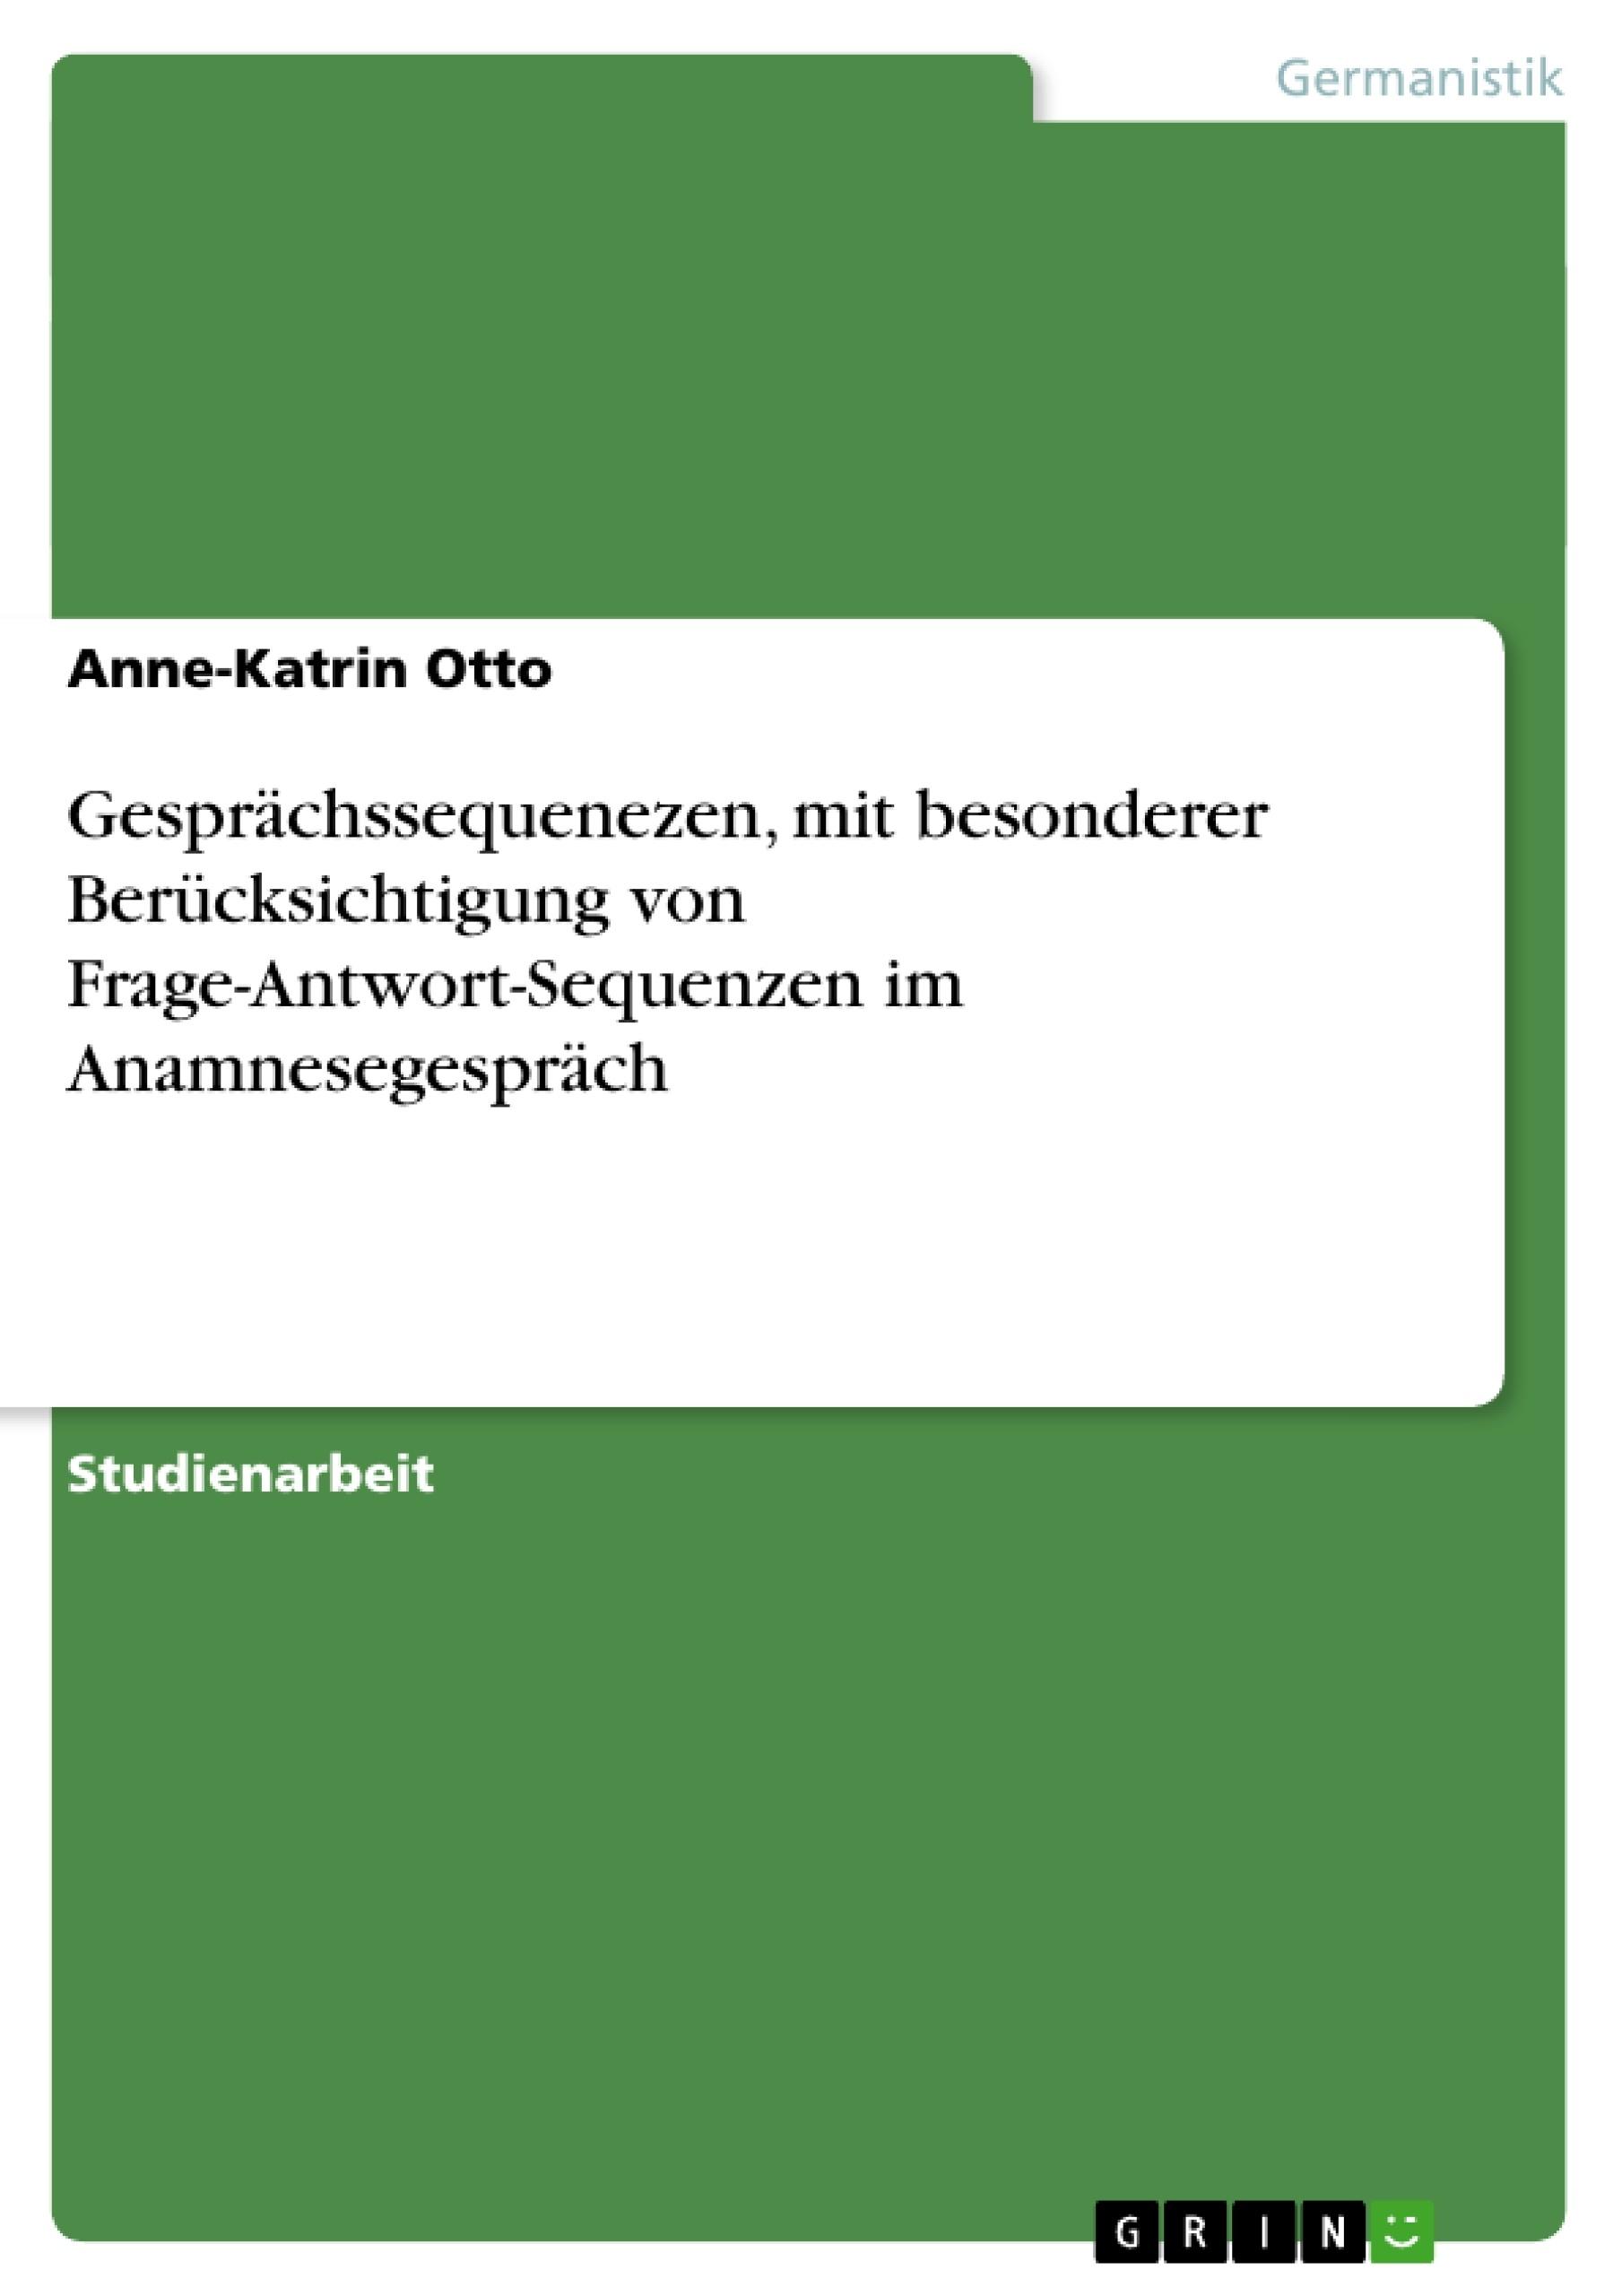 Titel: Gesprächssequenezen, mit besonderer Berücksichtigung von Frage-Antwort-Sequenzen im Anamnesegespräch